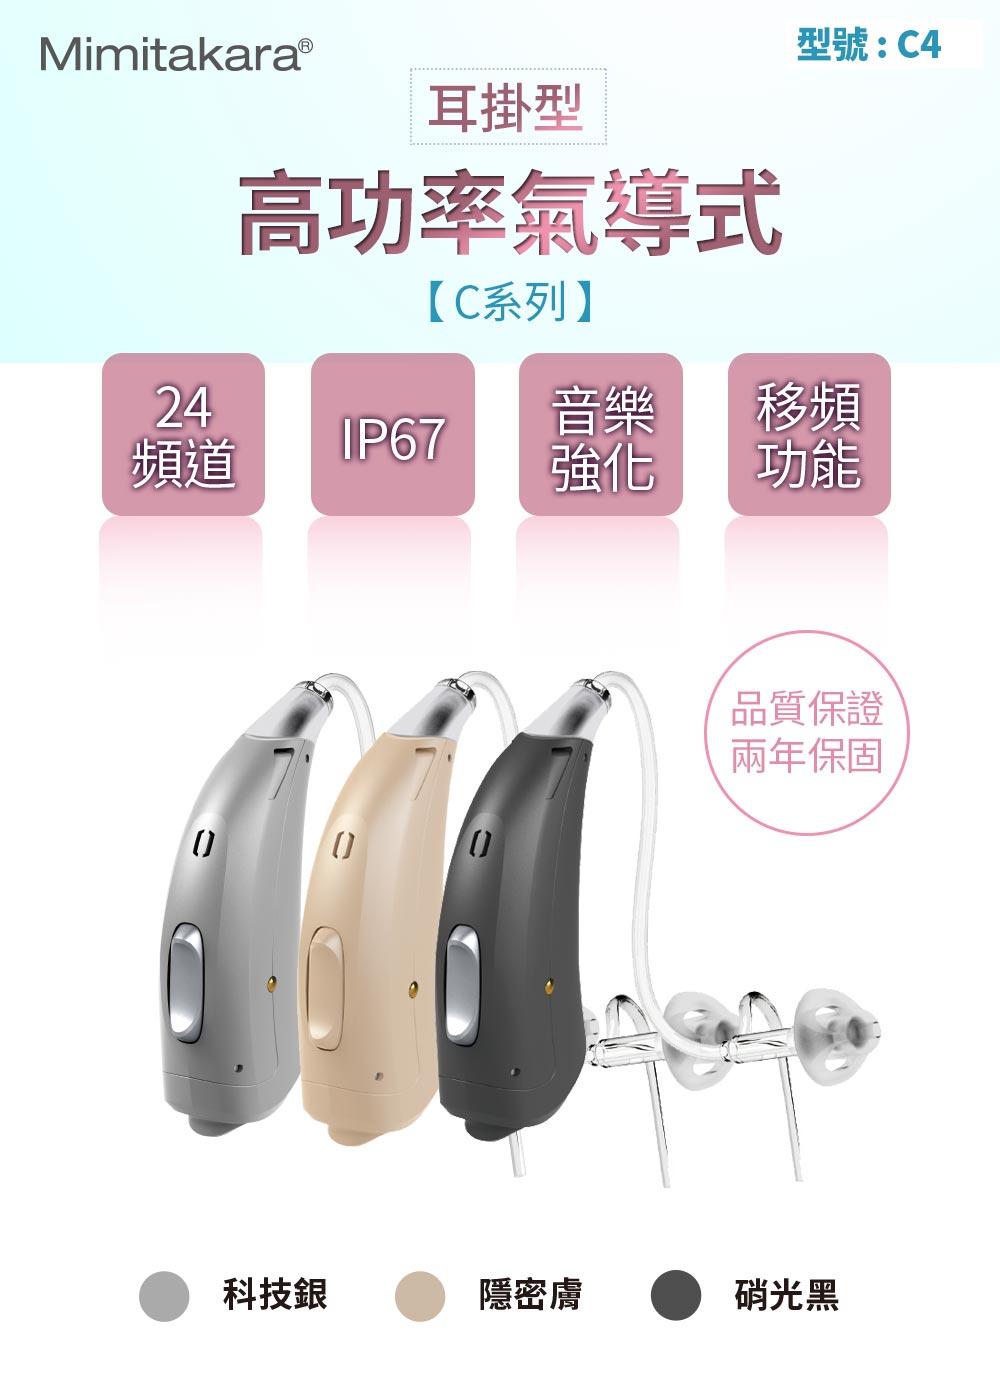 耳寶,C4,補助資訊,助聽器